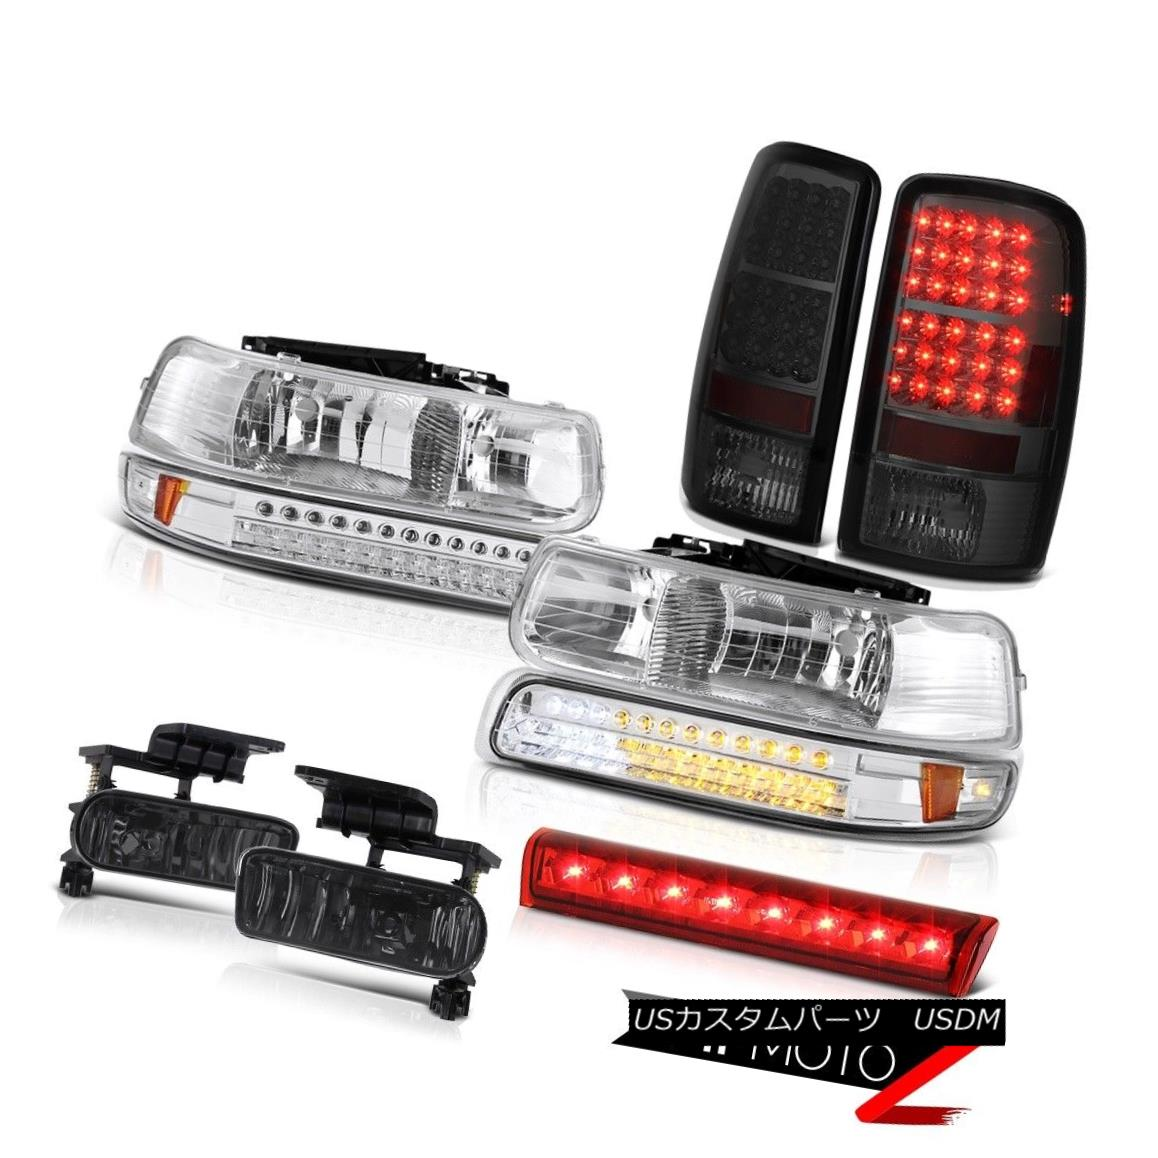 テールライト 2000-2006 Suburban 2500 Z71 Rosso red roof brake lamp fog lights tail Headlamps 2000-2006郊外2500 Z71ロッソ赤い屋根のブレーキランプ霧ライトテールヘッドランプ